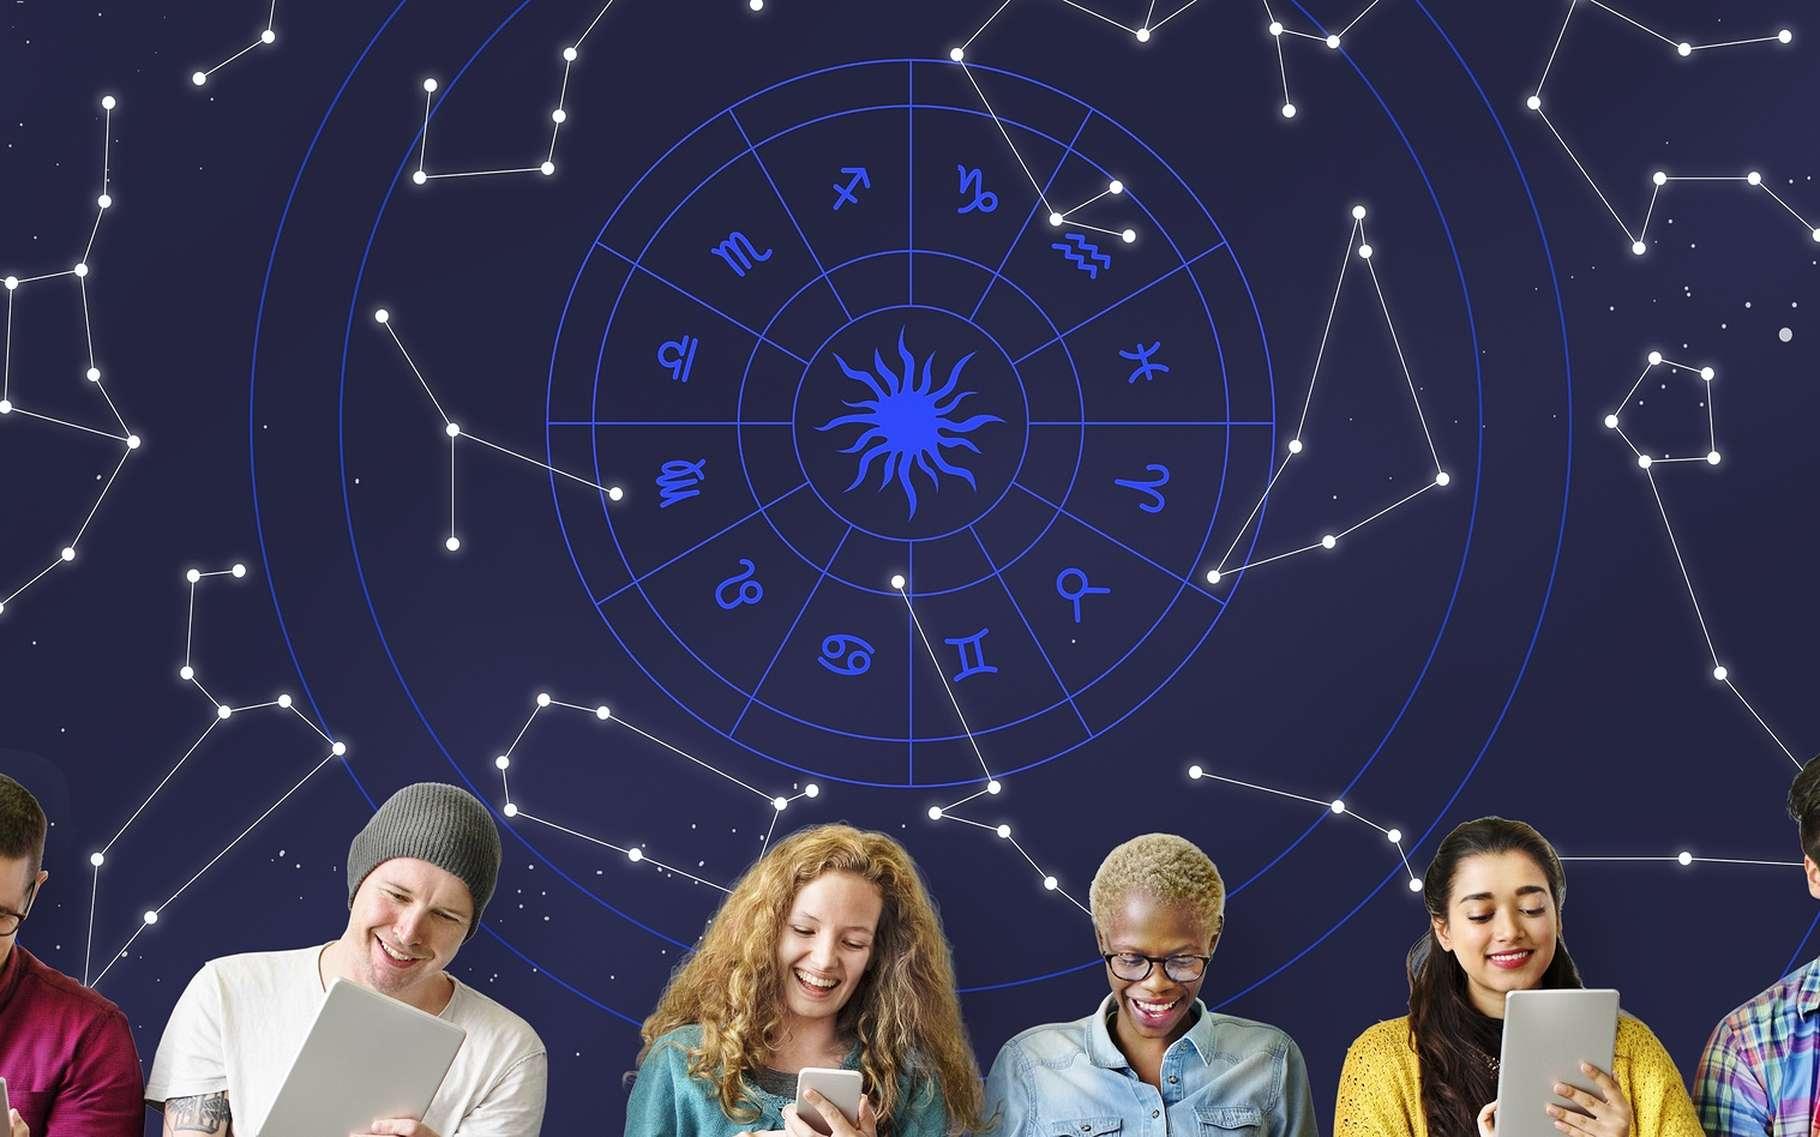 Mais où est passé l'horoscope du serpentaire ? © Rawpixel.com, Shutterstock